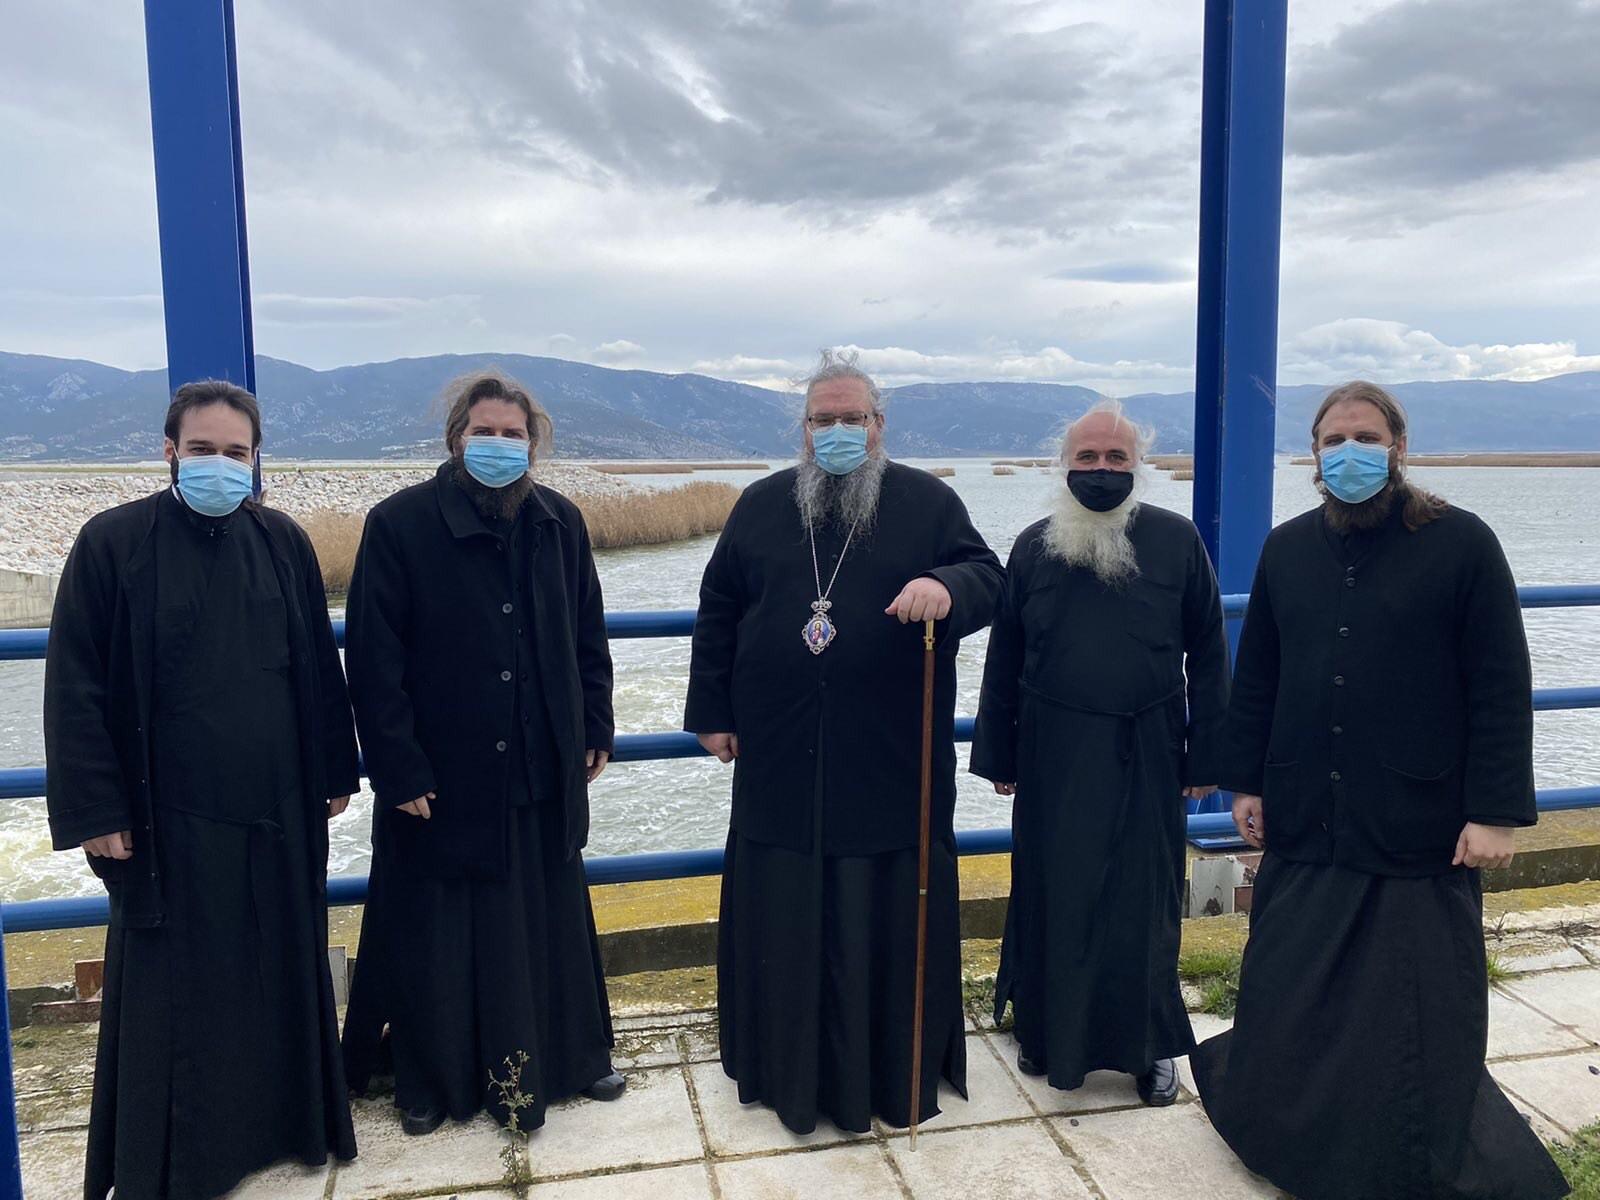 episkepsi limni karla 2 - Στη Λίμνη Κάρλα ο Σεβασμιώτατος